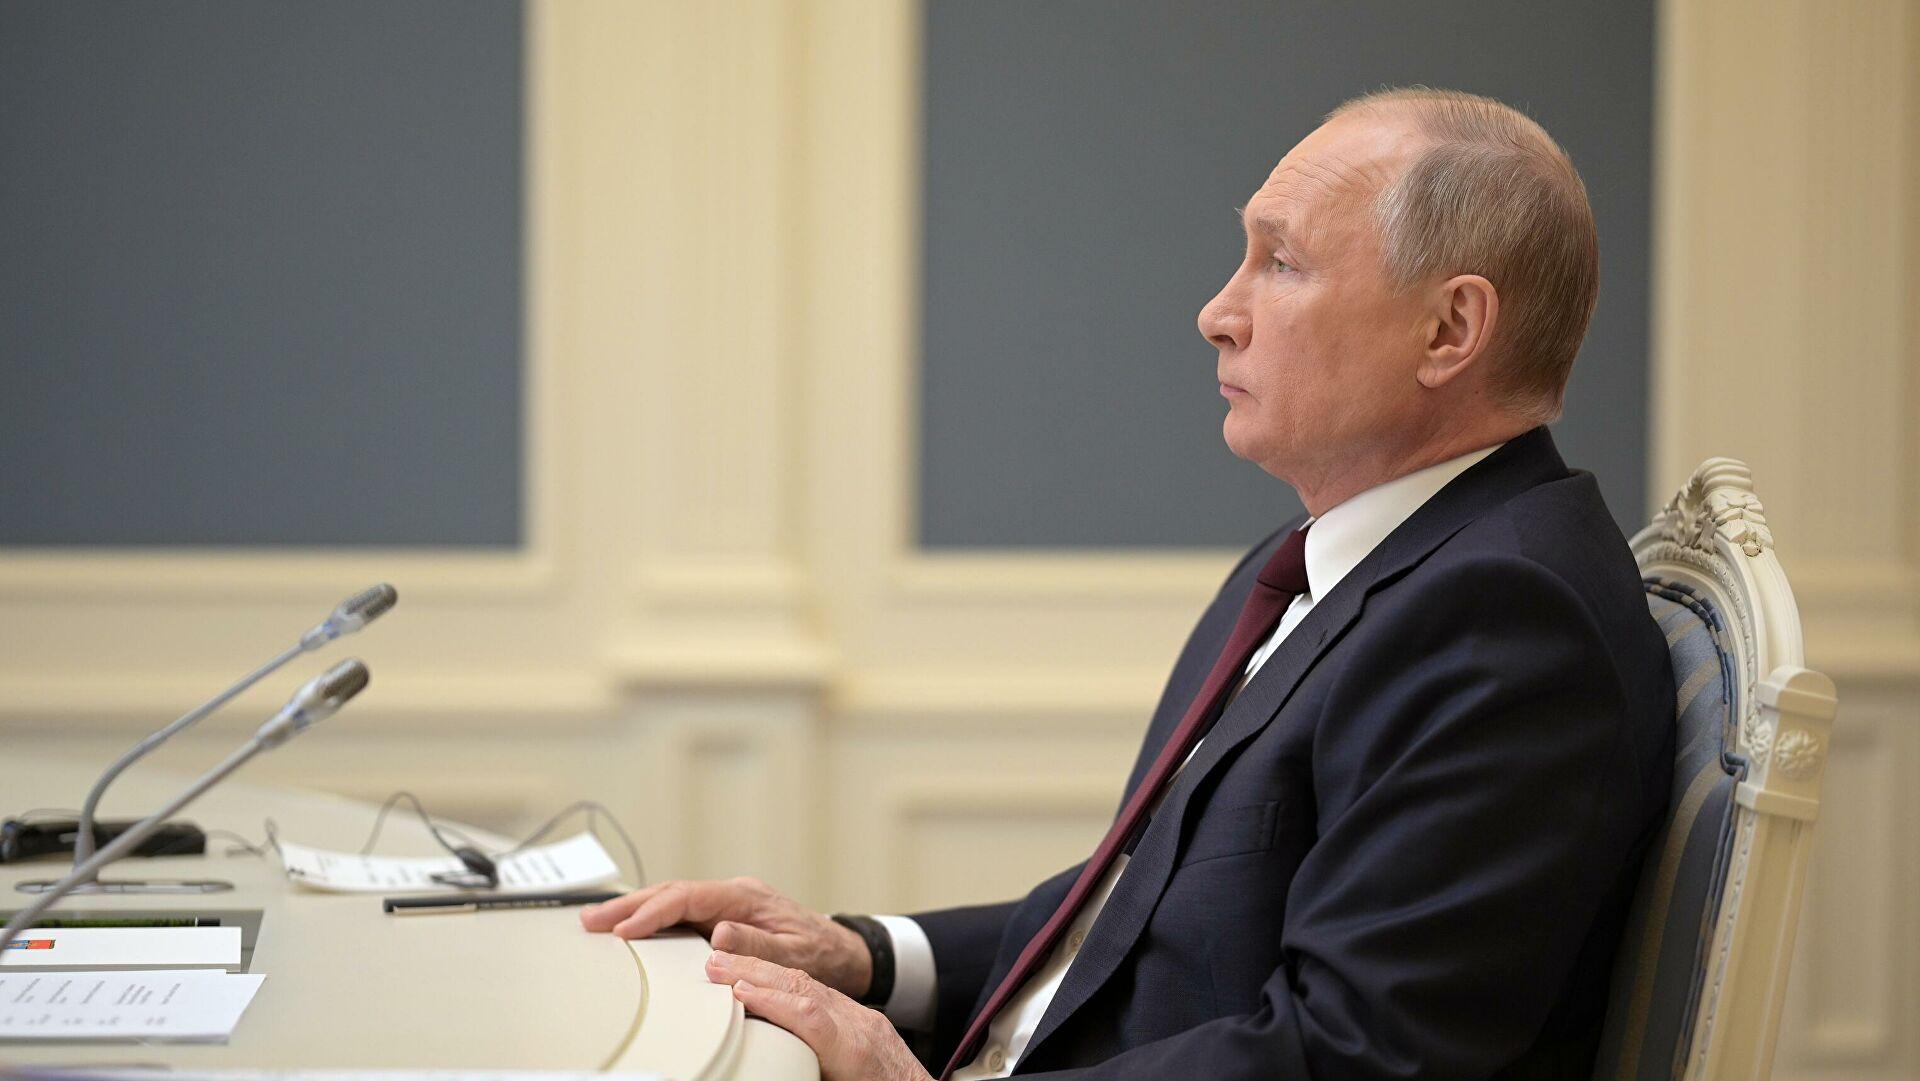 Kremlj: Putin i Zelenski u slučaju komunikacije mogu da razgovaraju o bilateralnim odnosima, a tema kao što je Krim ne postoji